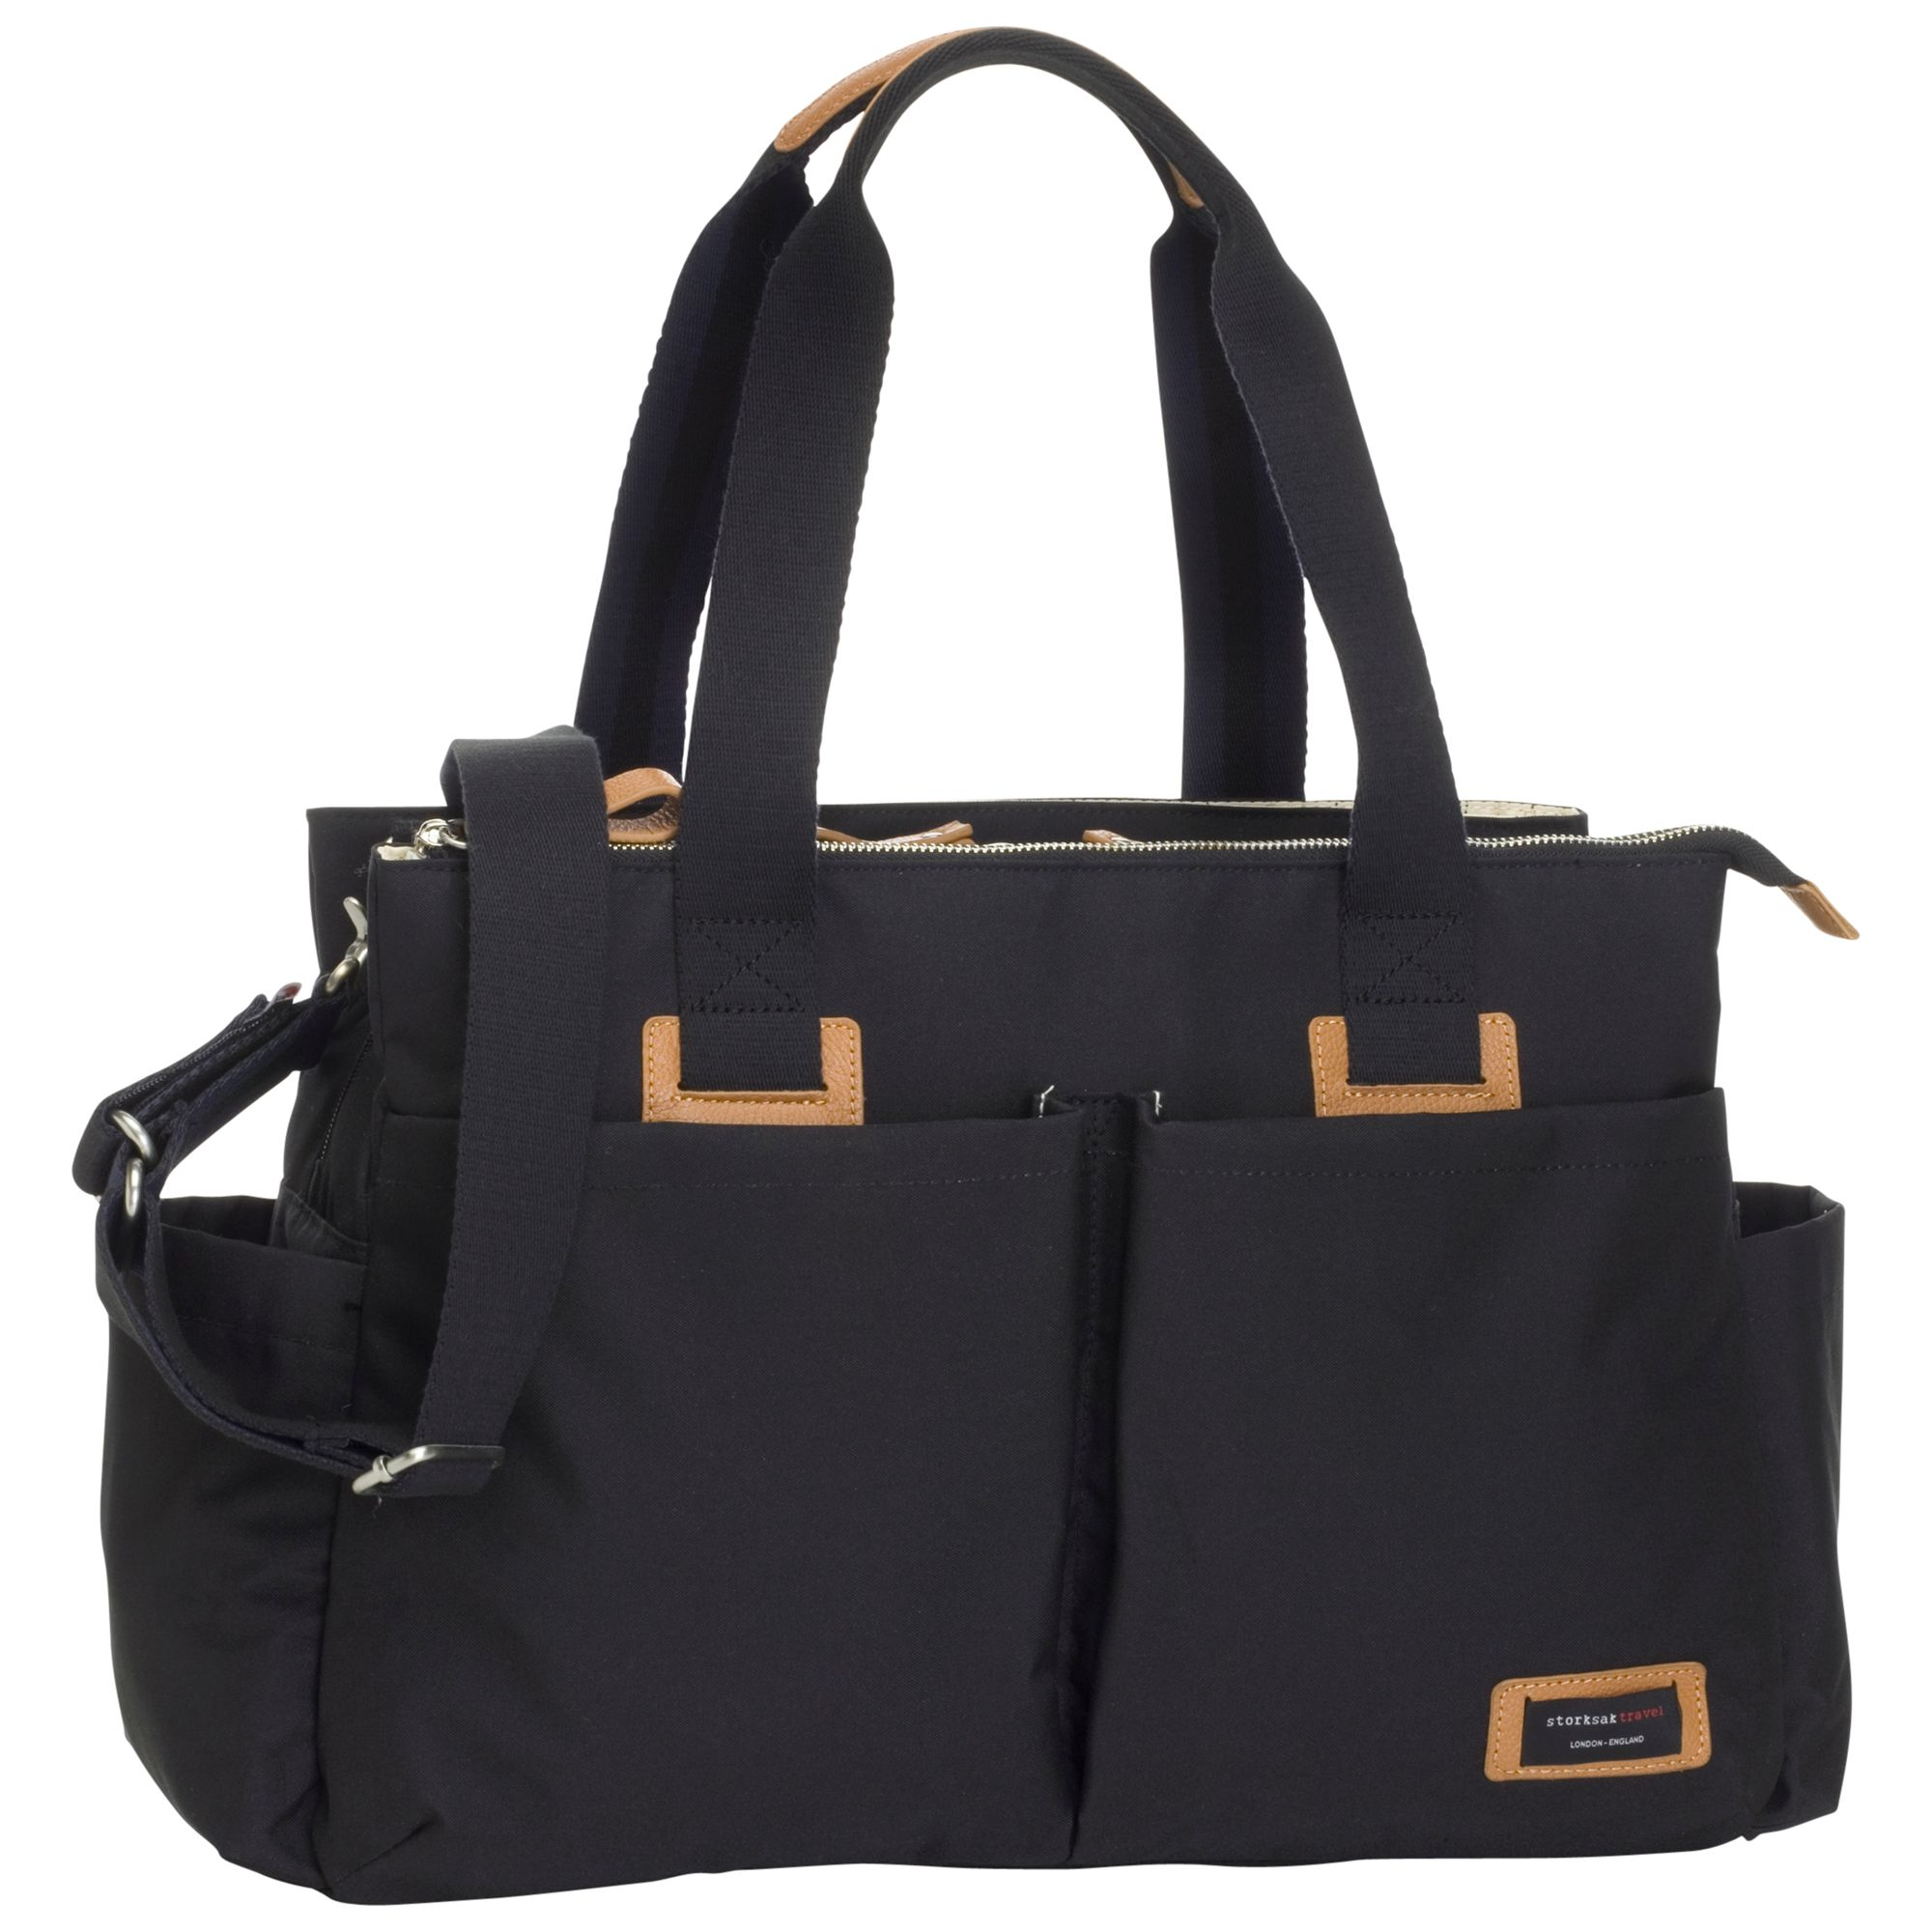 Storksak Storksak Travel Shoulder Changing Bag